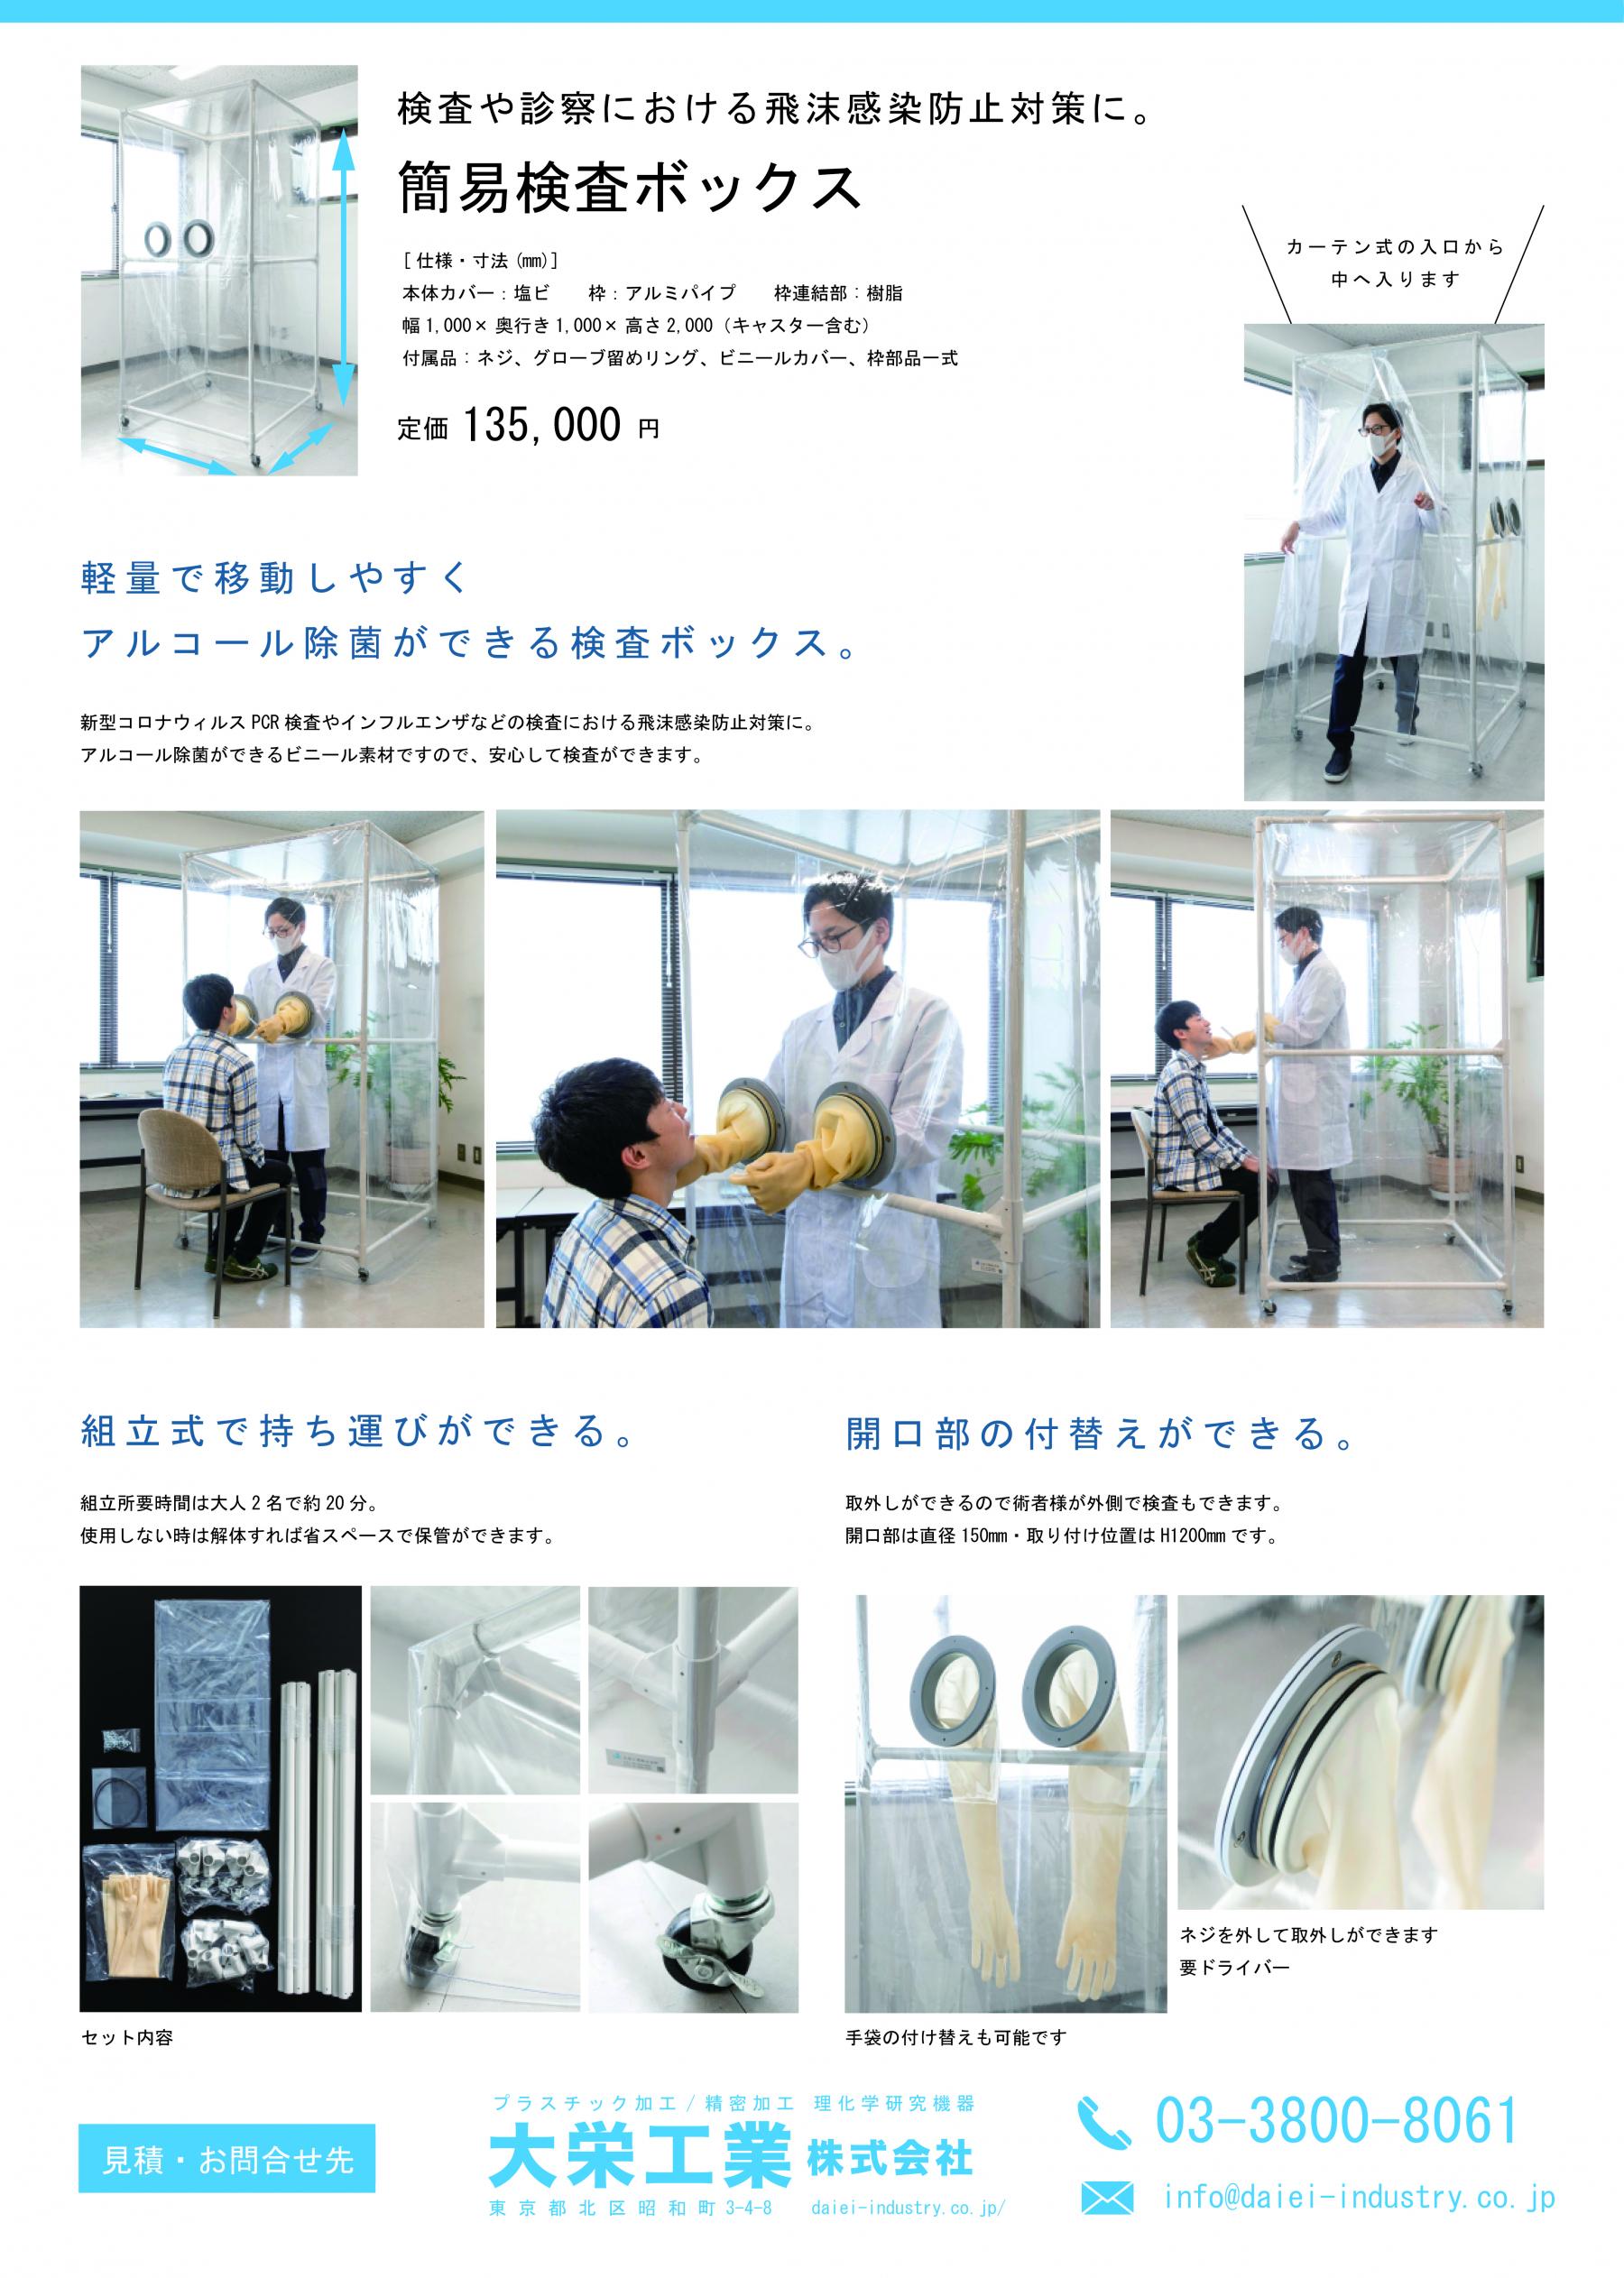 東京でプラスチック切削加工・精密加工なら【大栄工業 株式会社】へ